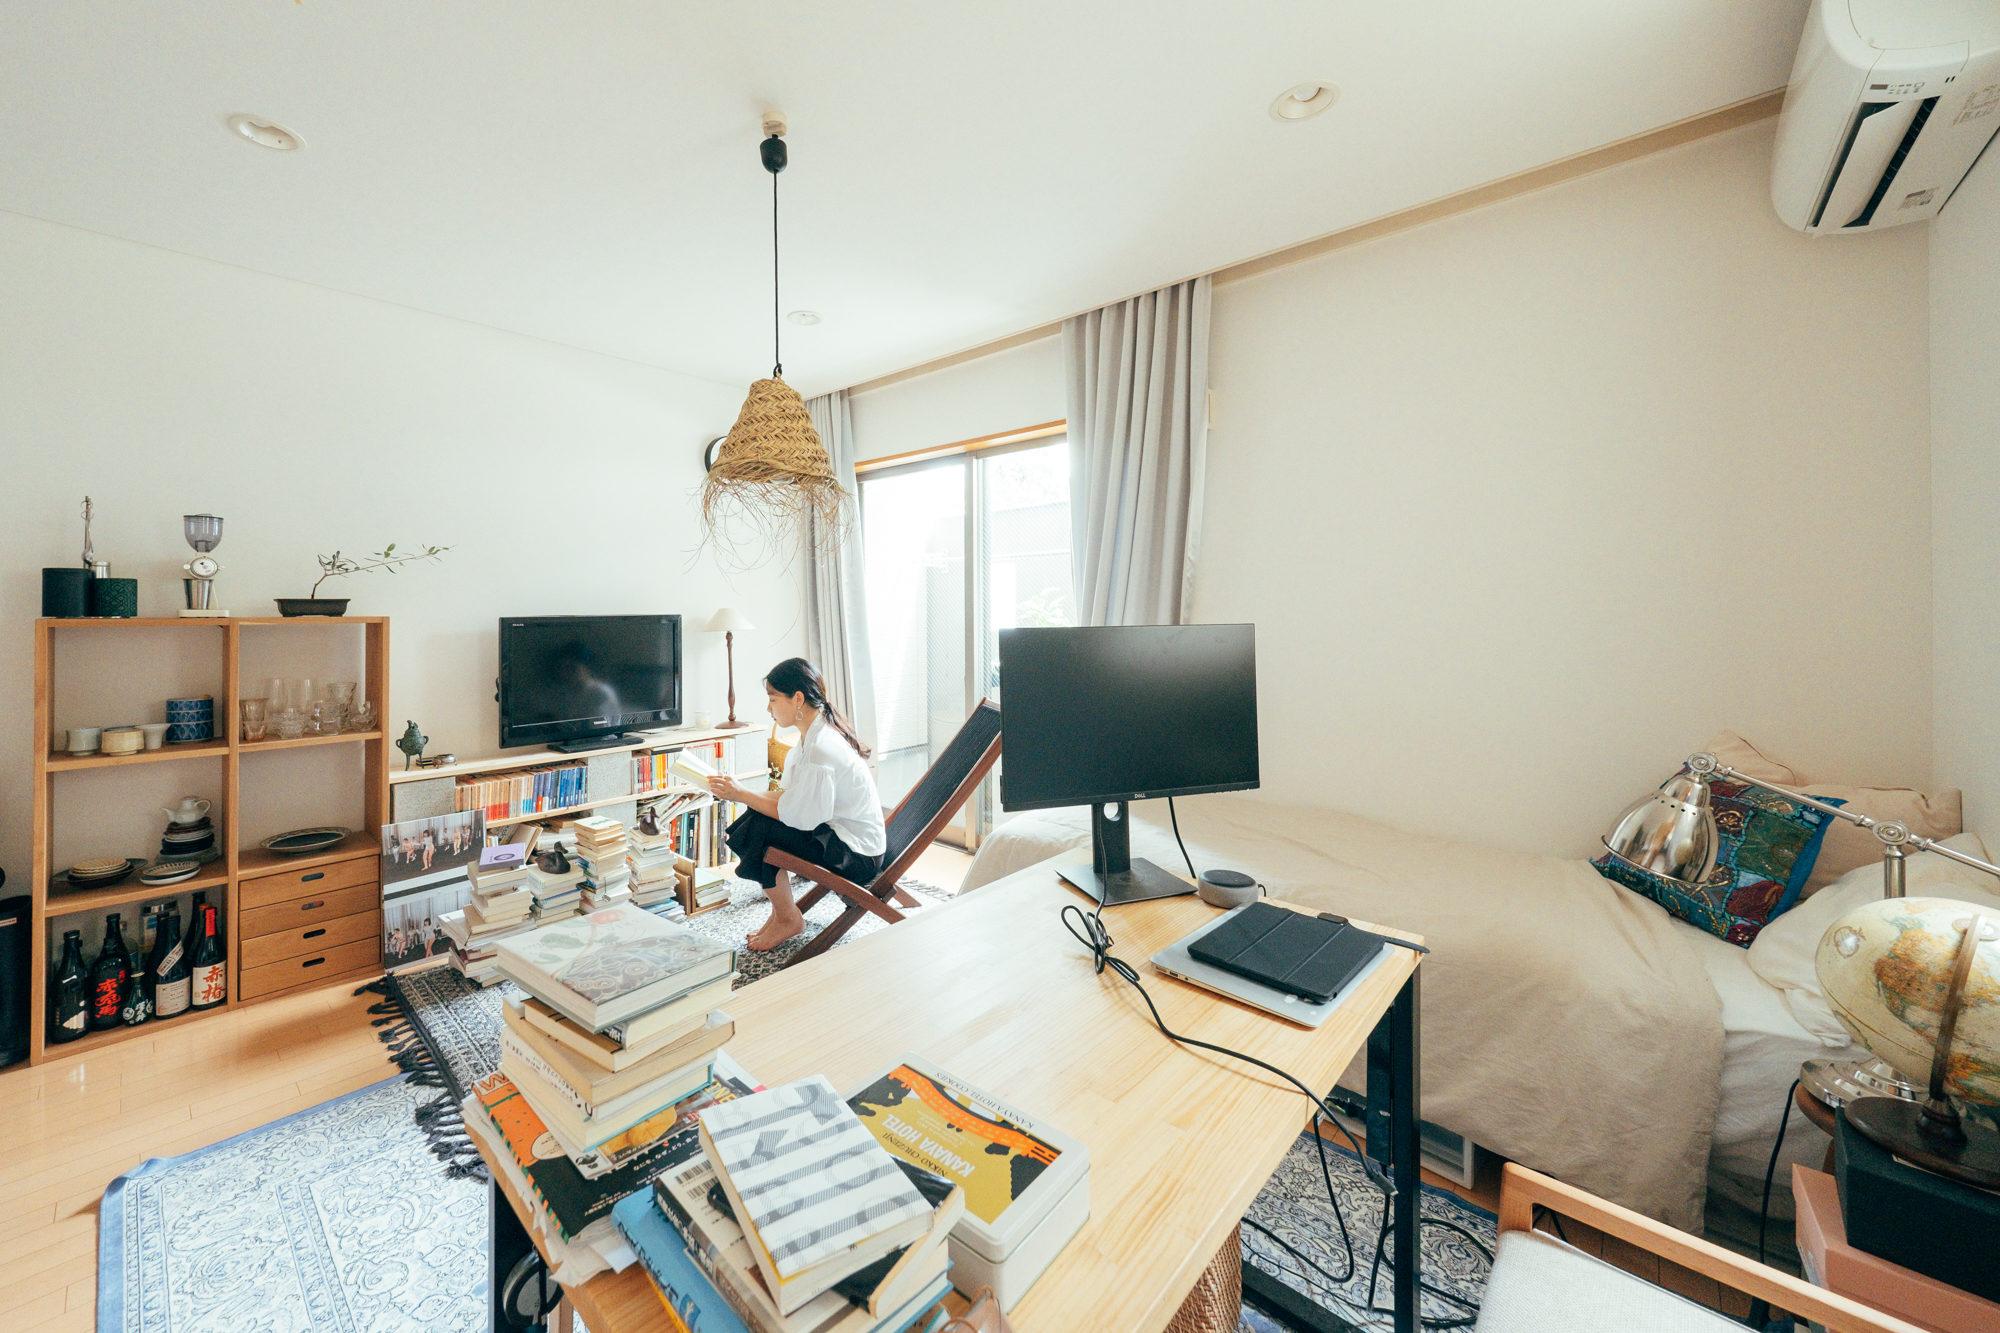 普段は会社員として働かれている_oooo1221_さん。家具の配置がしやすい正方形の間取りと静かな通りに面していることから選ばれた住まいには、本棚に収まりきれないほどのたくさんの本がありました。